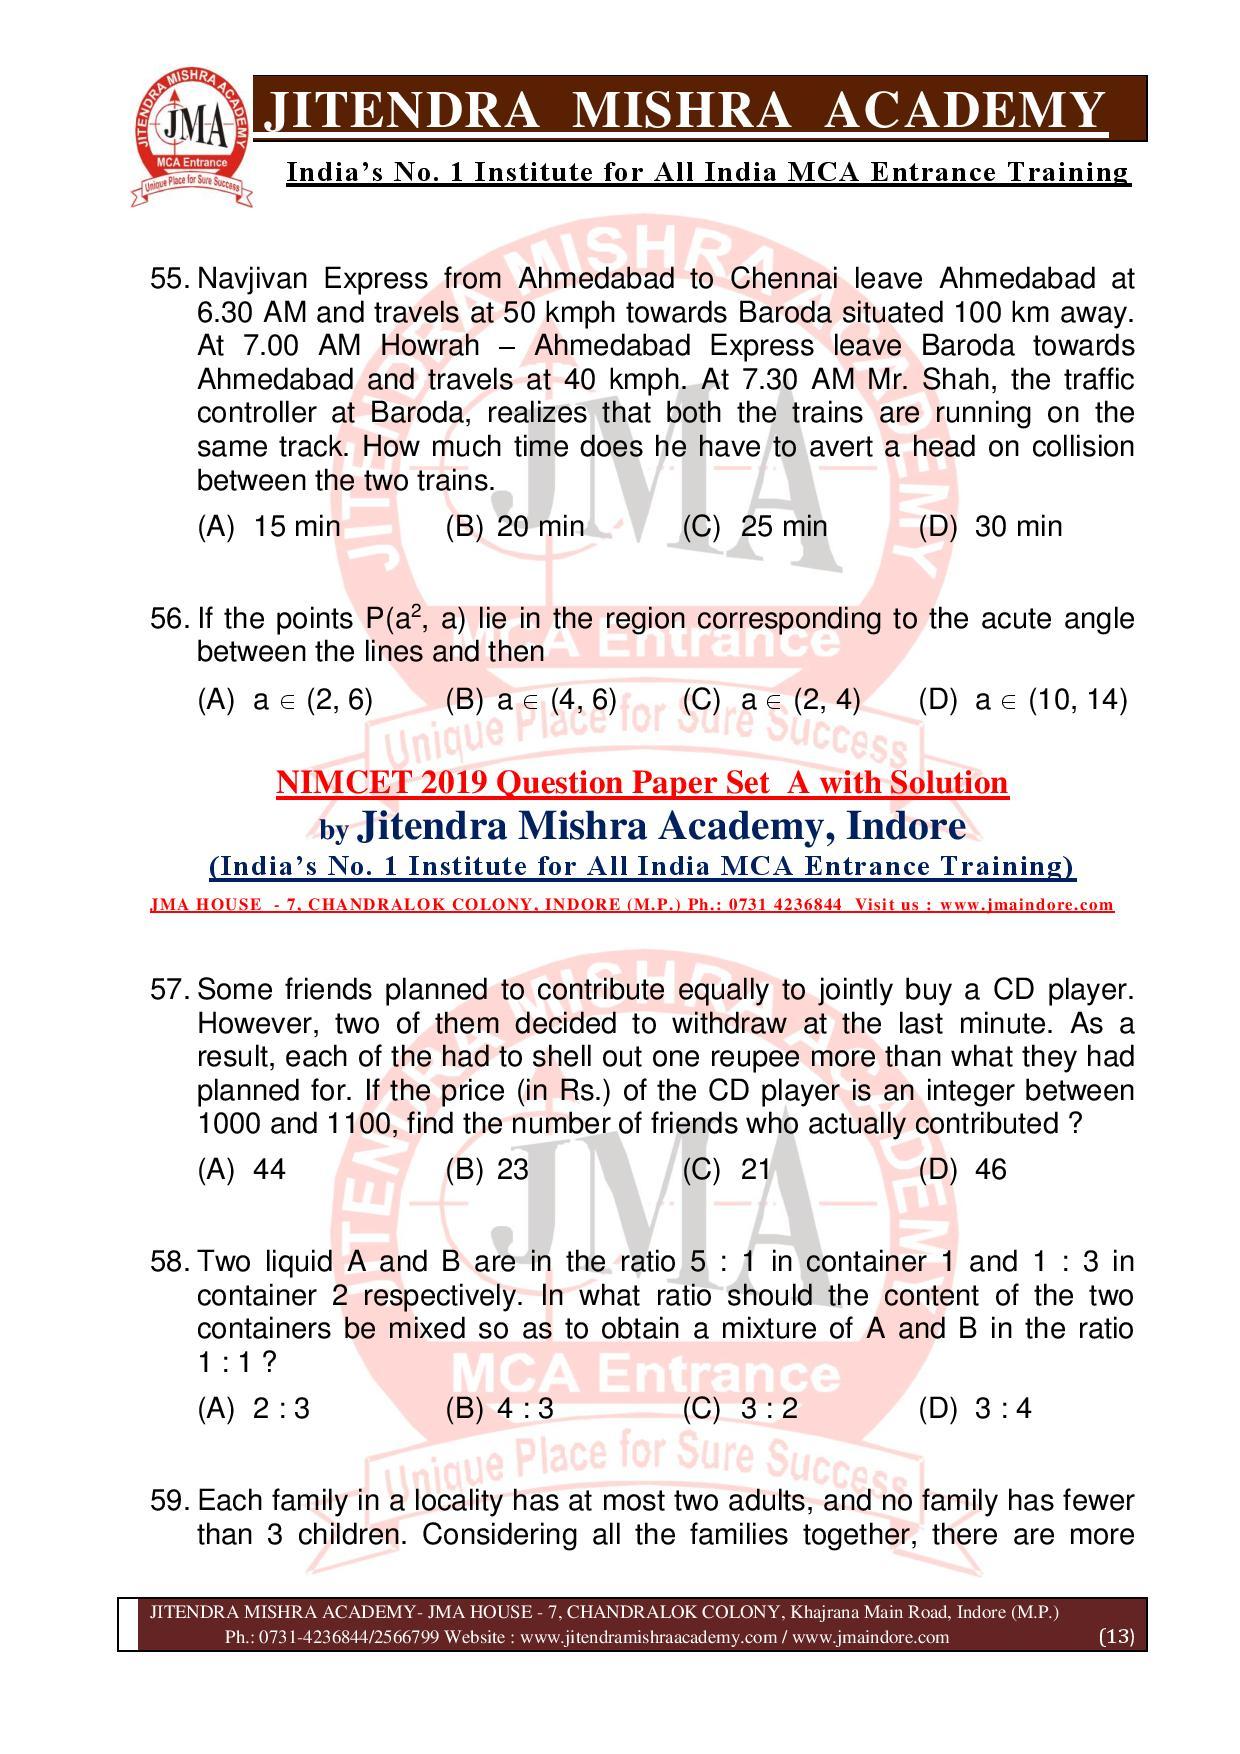 NIMCET 2019 QUESTION PAPER (SET - A) final-page-013